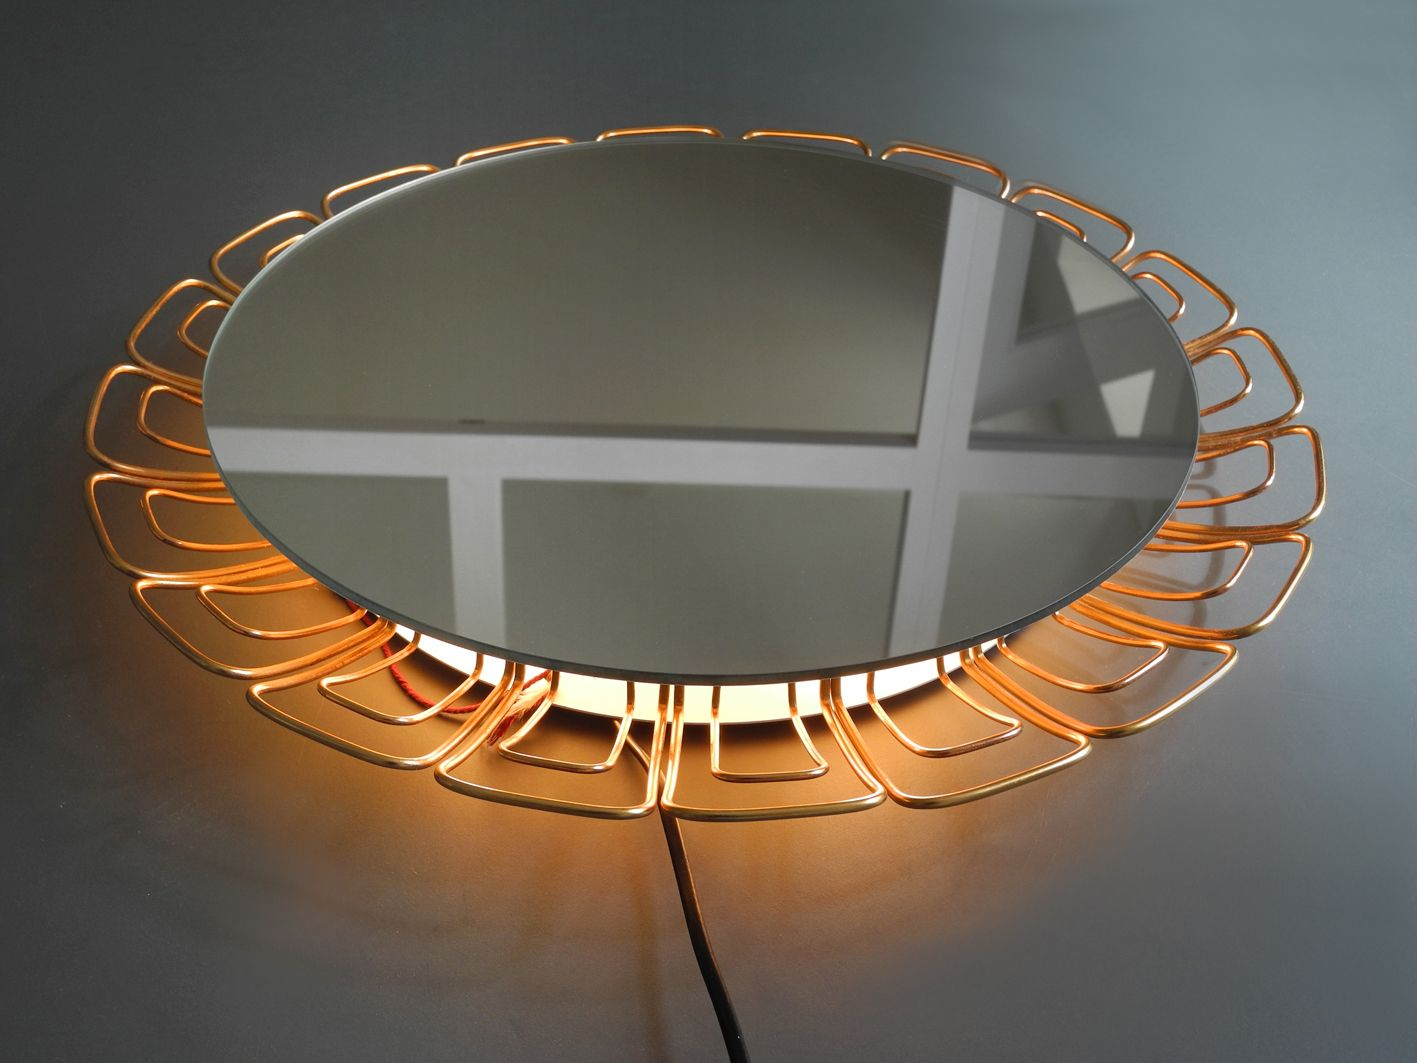 beleuchteter spiegel mit kupferrahmen 1960er bei pamono. Black Bedroom Furniture Sets. Home Design Ideas